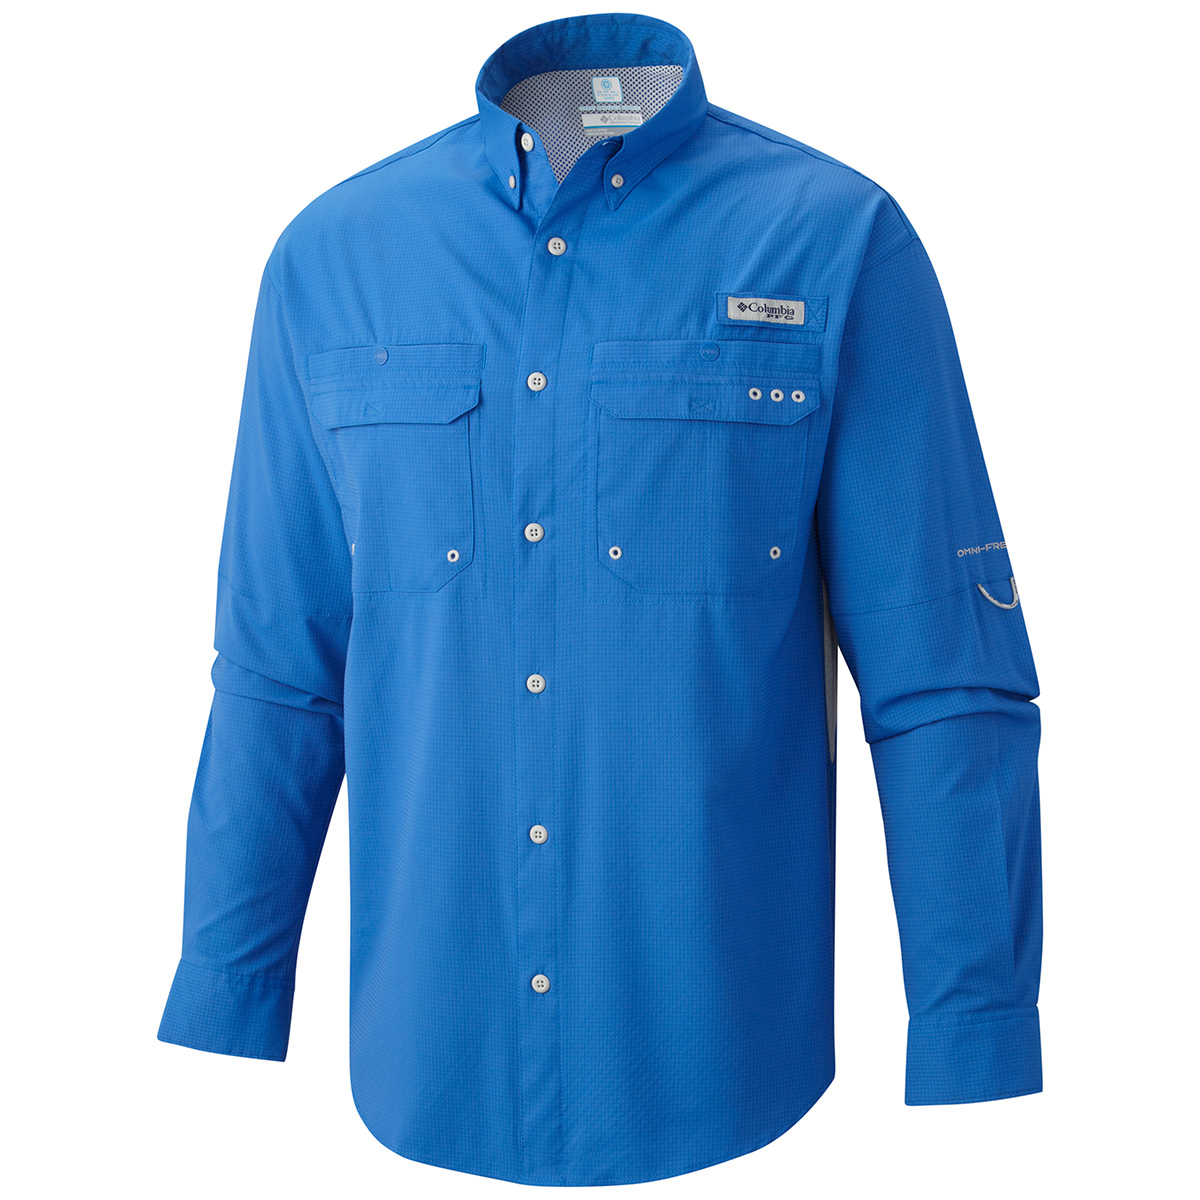 Columbia cast away zero woven long sleeve shirt fishing for Two fish apparel